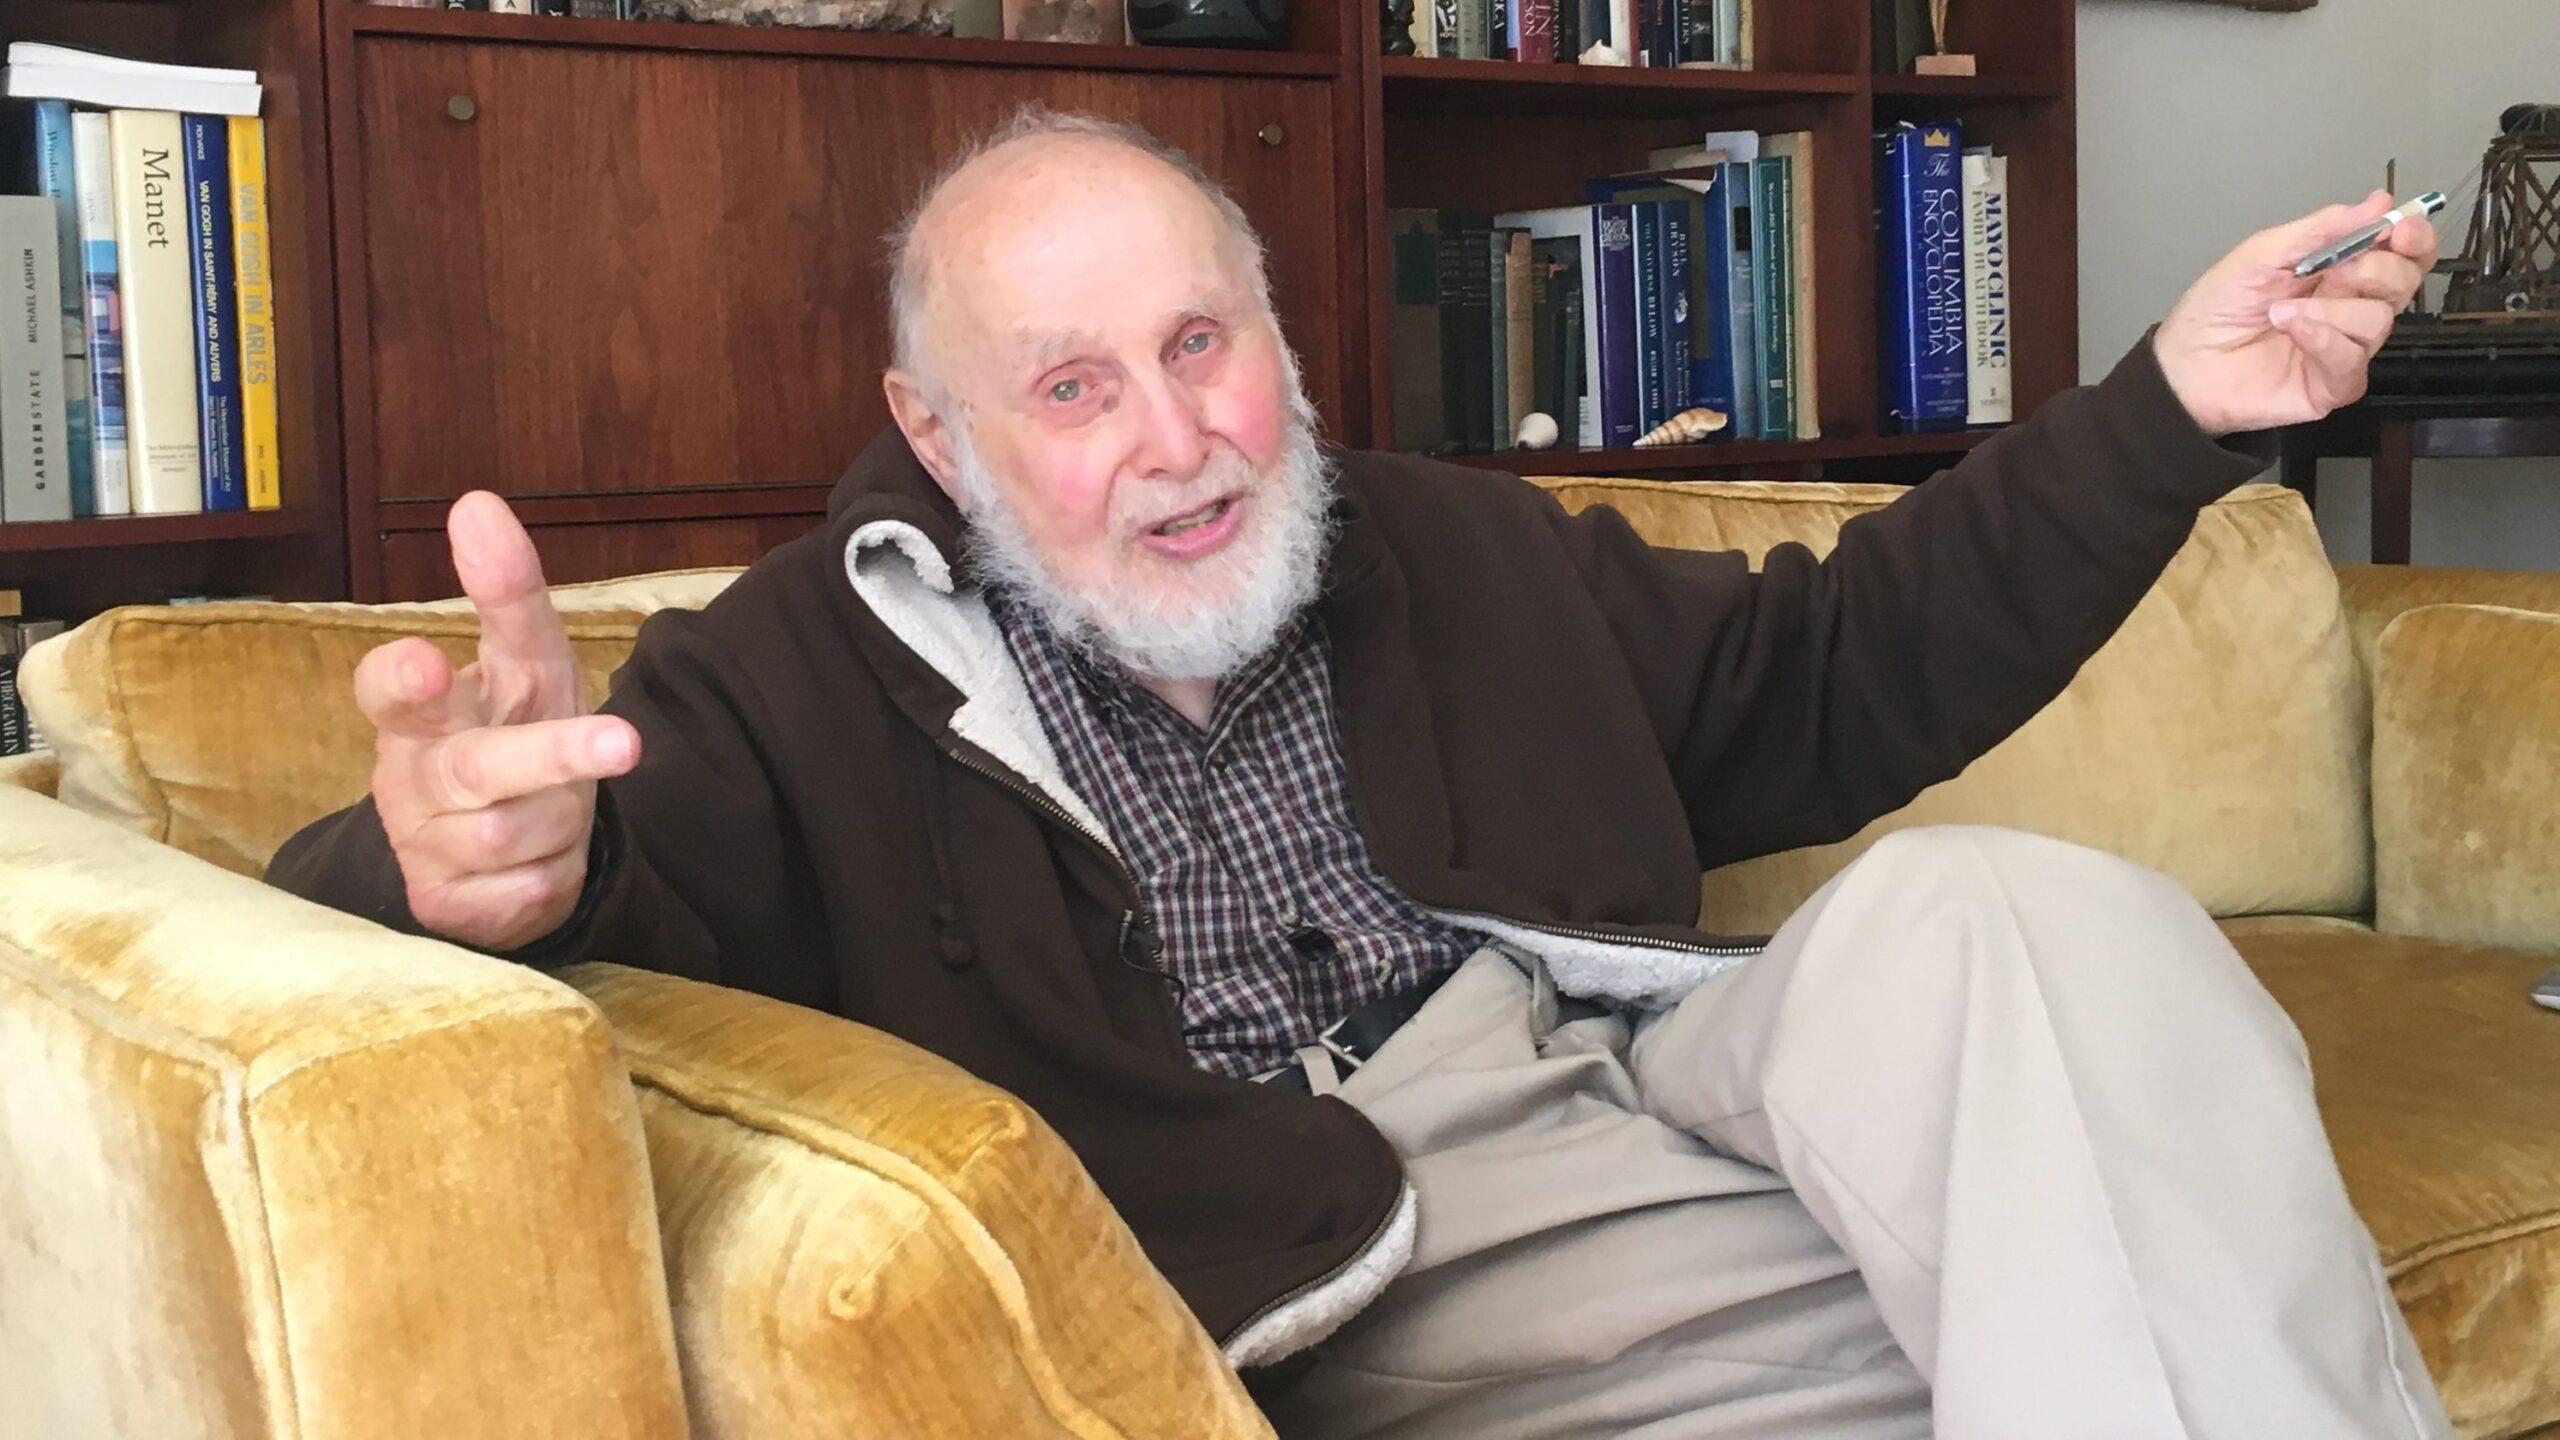 O mais velho vencedor do Prêmio Nobel ainda está ativo e com projeto incrível